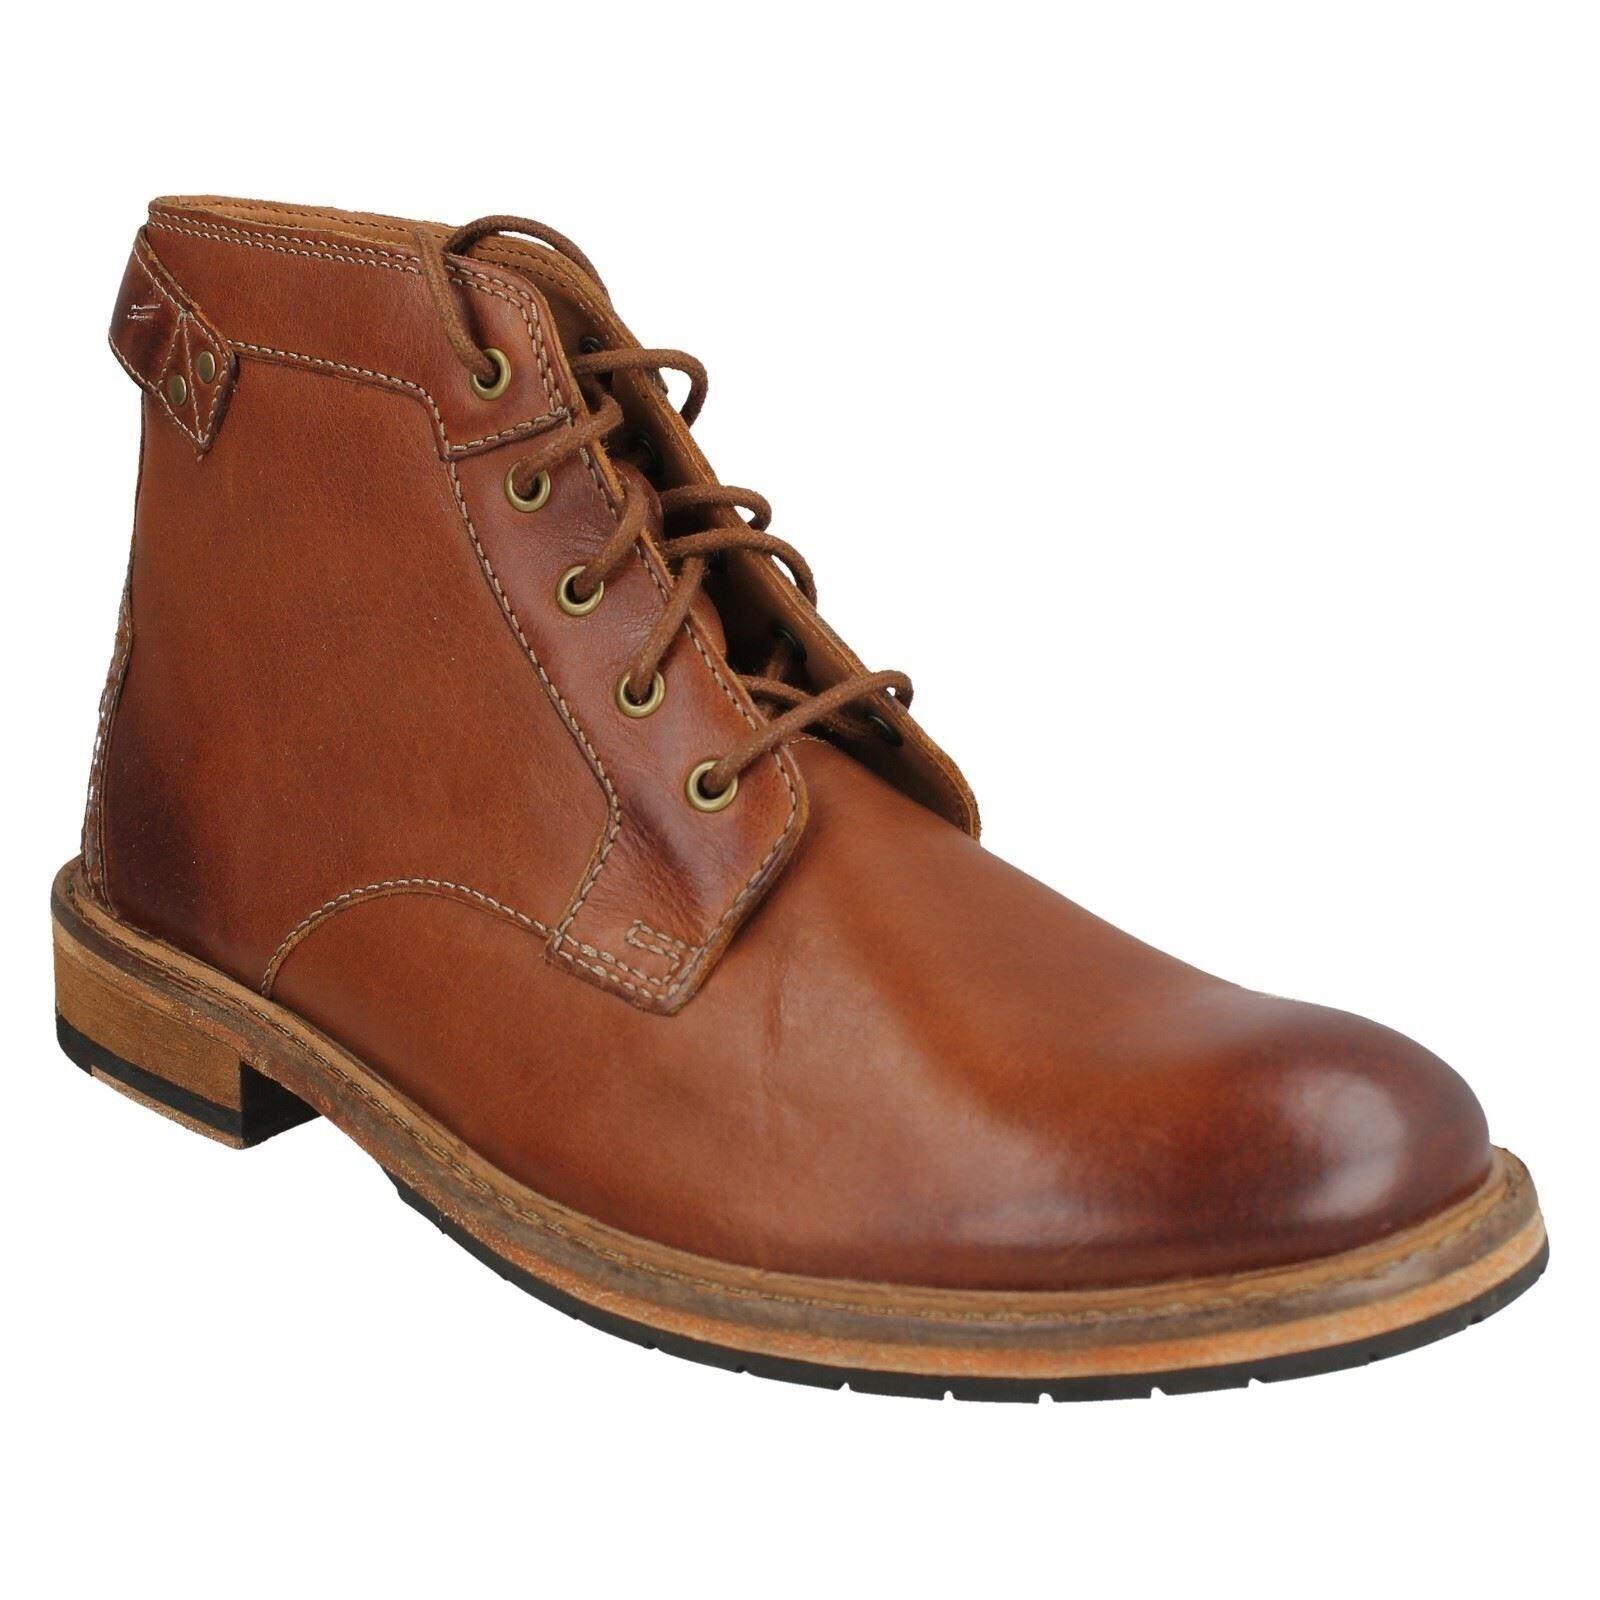 Herren Clarks dunkelbraun Leder Schnürschuhe Formell Stiefeletten Schuhe Größe